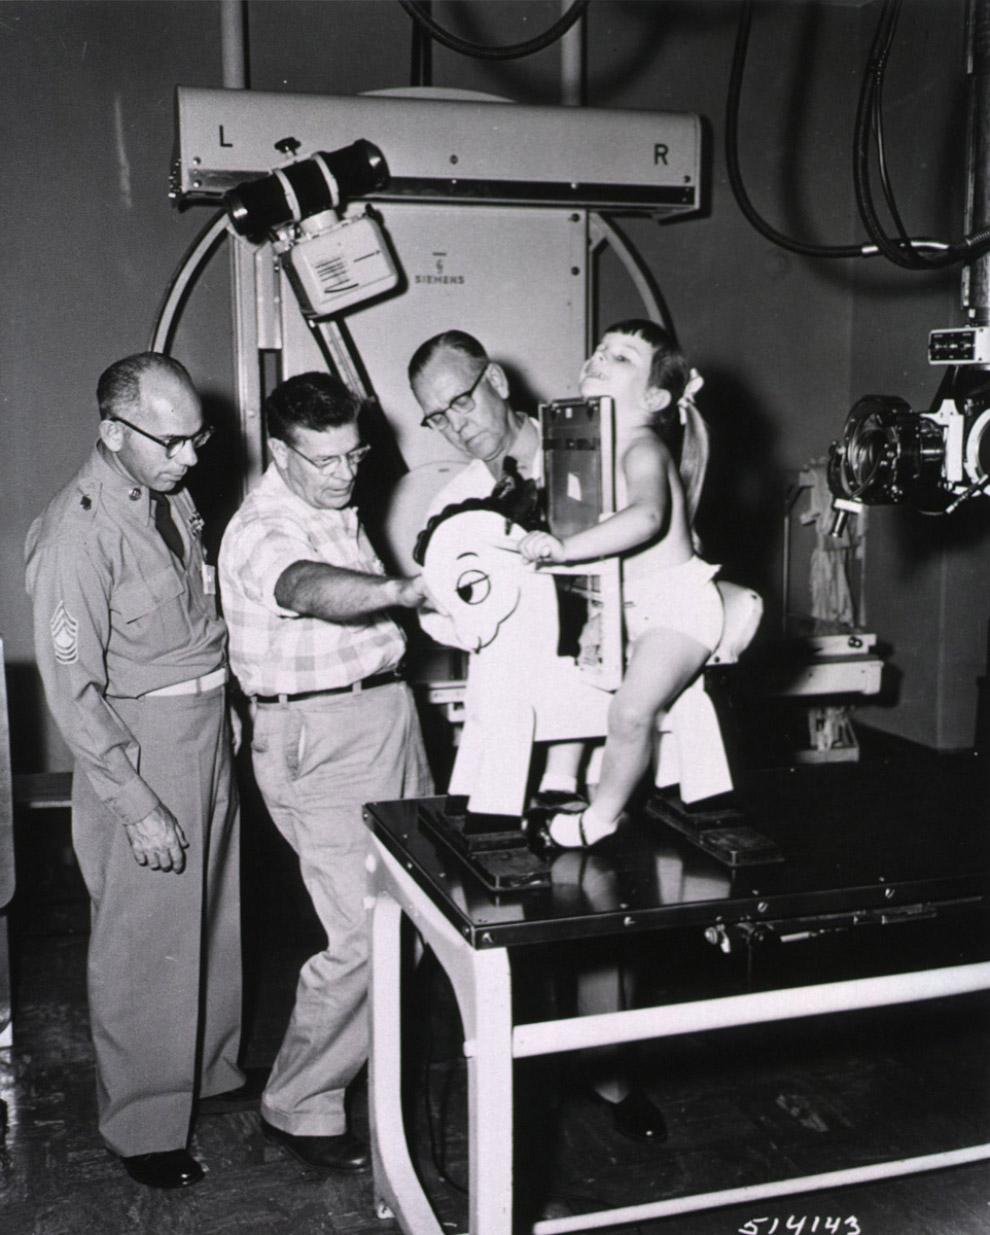 Рентгено-конь. Предназначен для рентгенографии грудной клетки детей